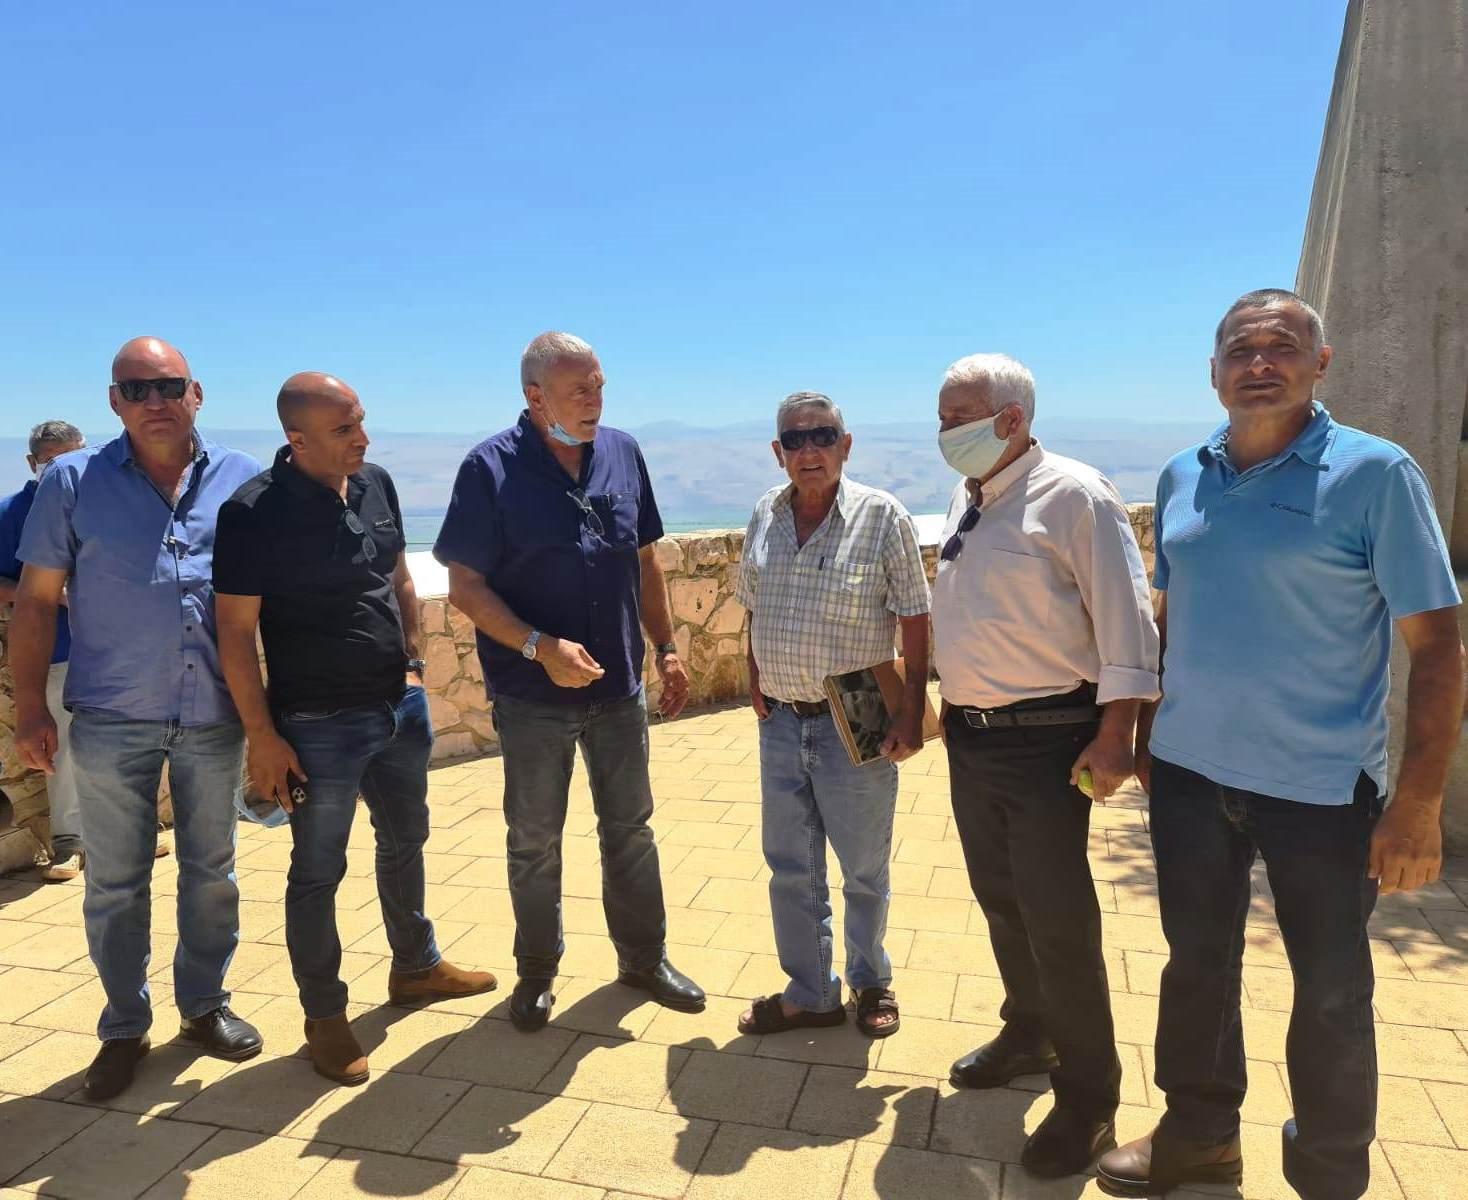 שר החקלאות ופיתוח הכפר בסיור מקצועי ראשון בגבול הצפון